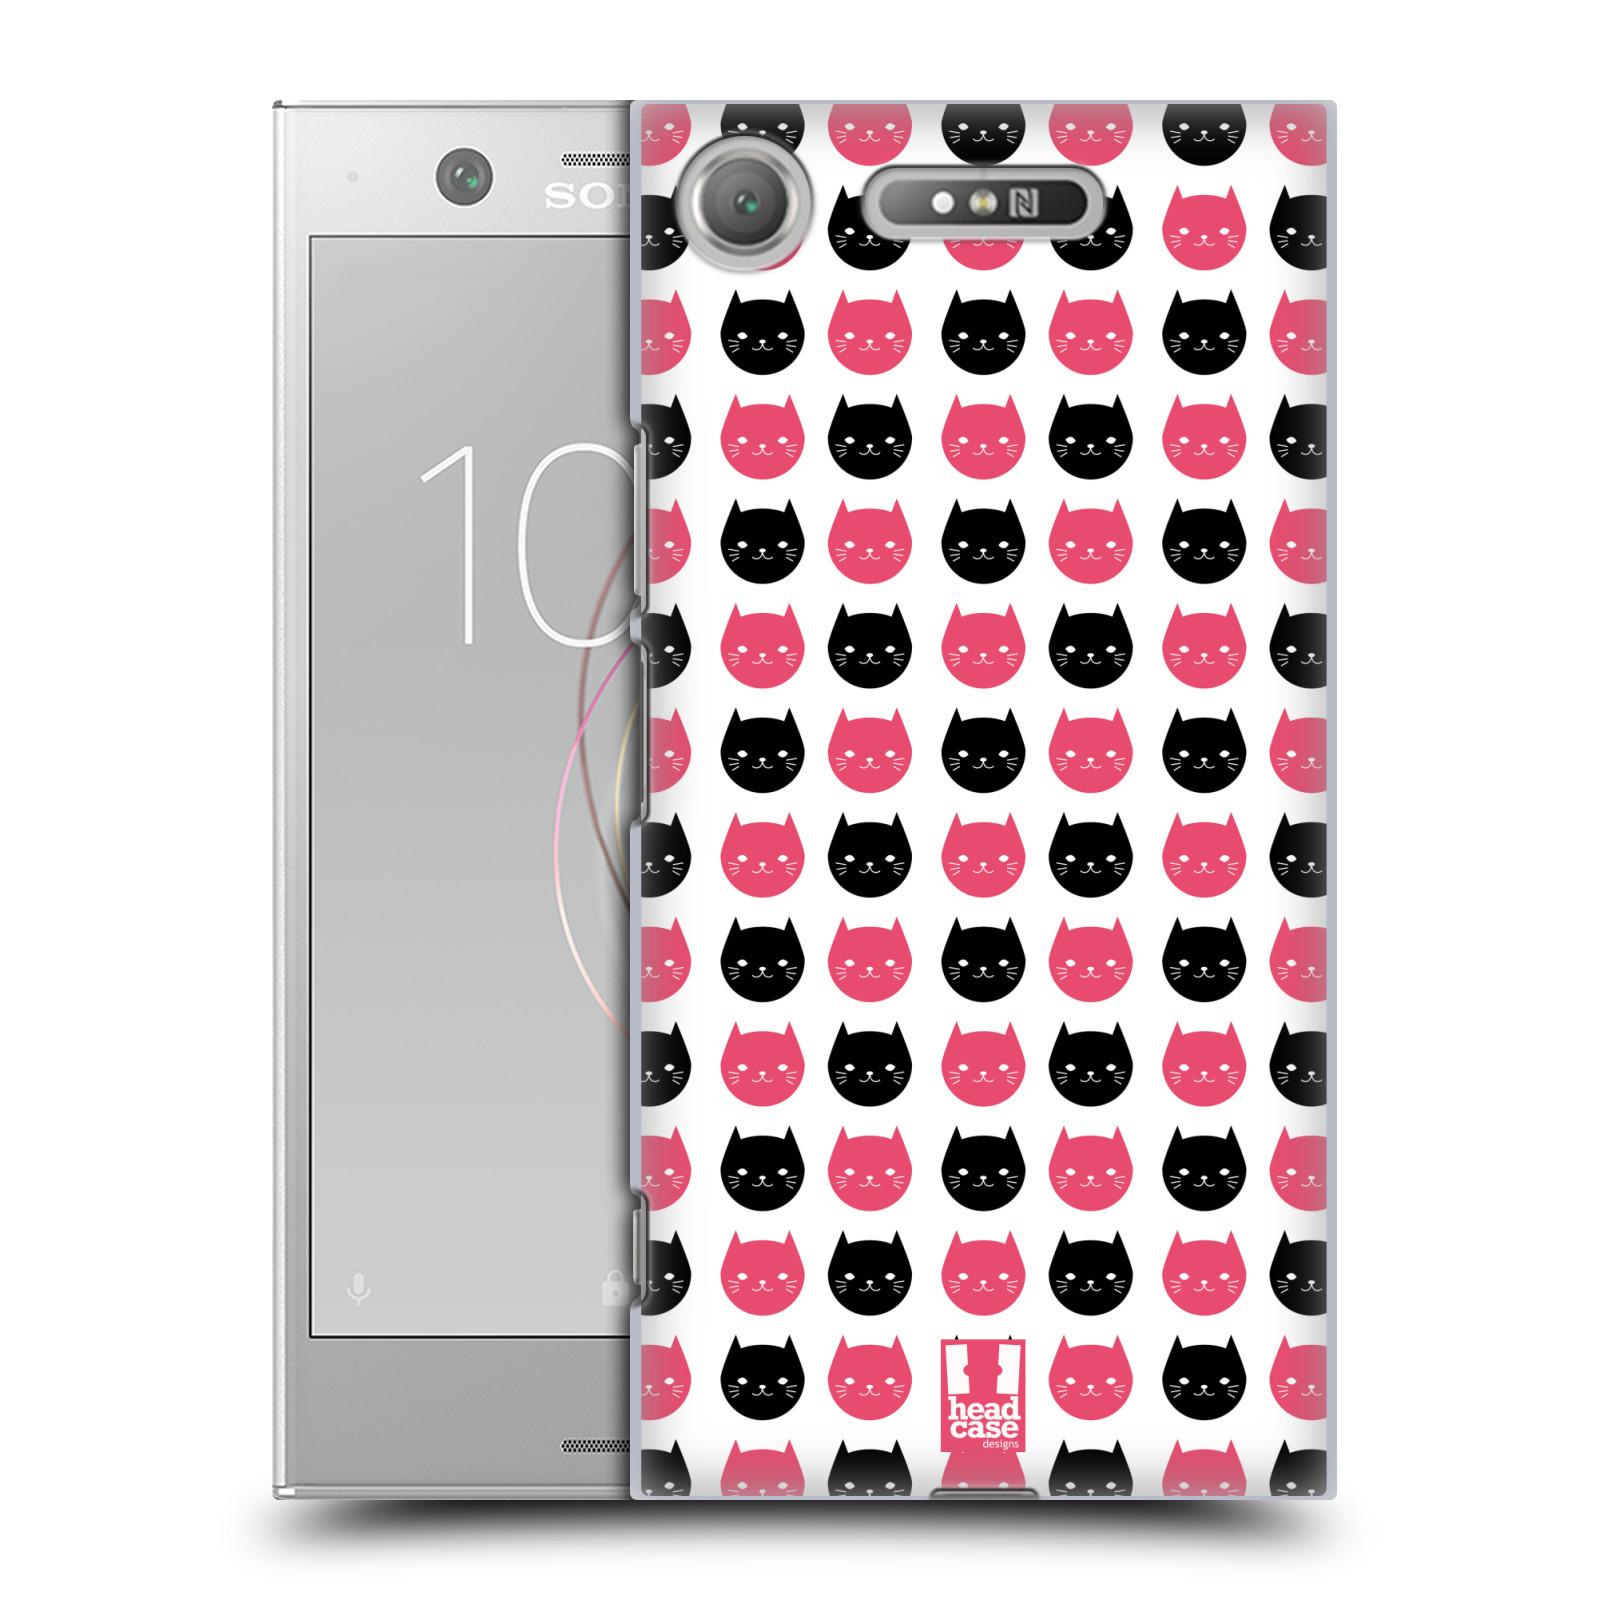 Plastové pouzdro na mobil Sony Xperia XZ1 - Head Case - KOČKY Black and Pink (Plastový kryt či obal na mobilní telefon Sony Xperia XZ1 (G8342 Dual Sim / G8341 Single Sim) s motivem KOČKY Black and Pink)